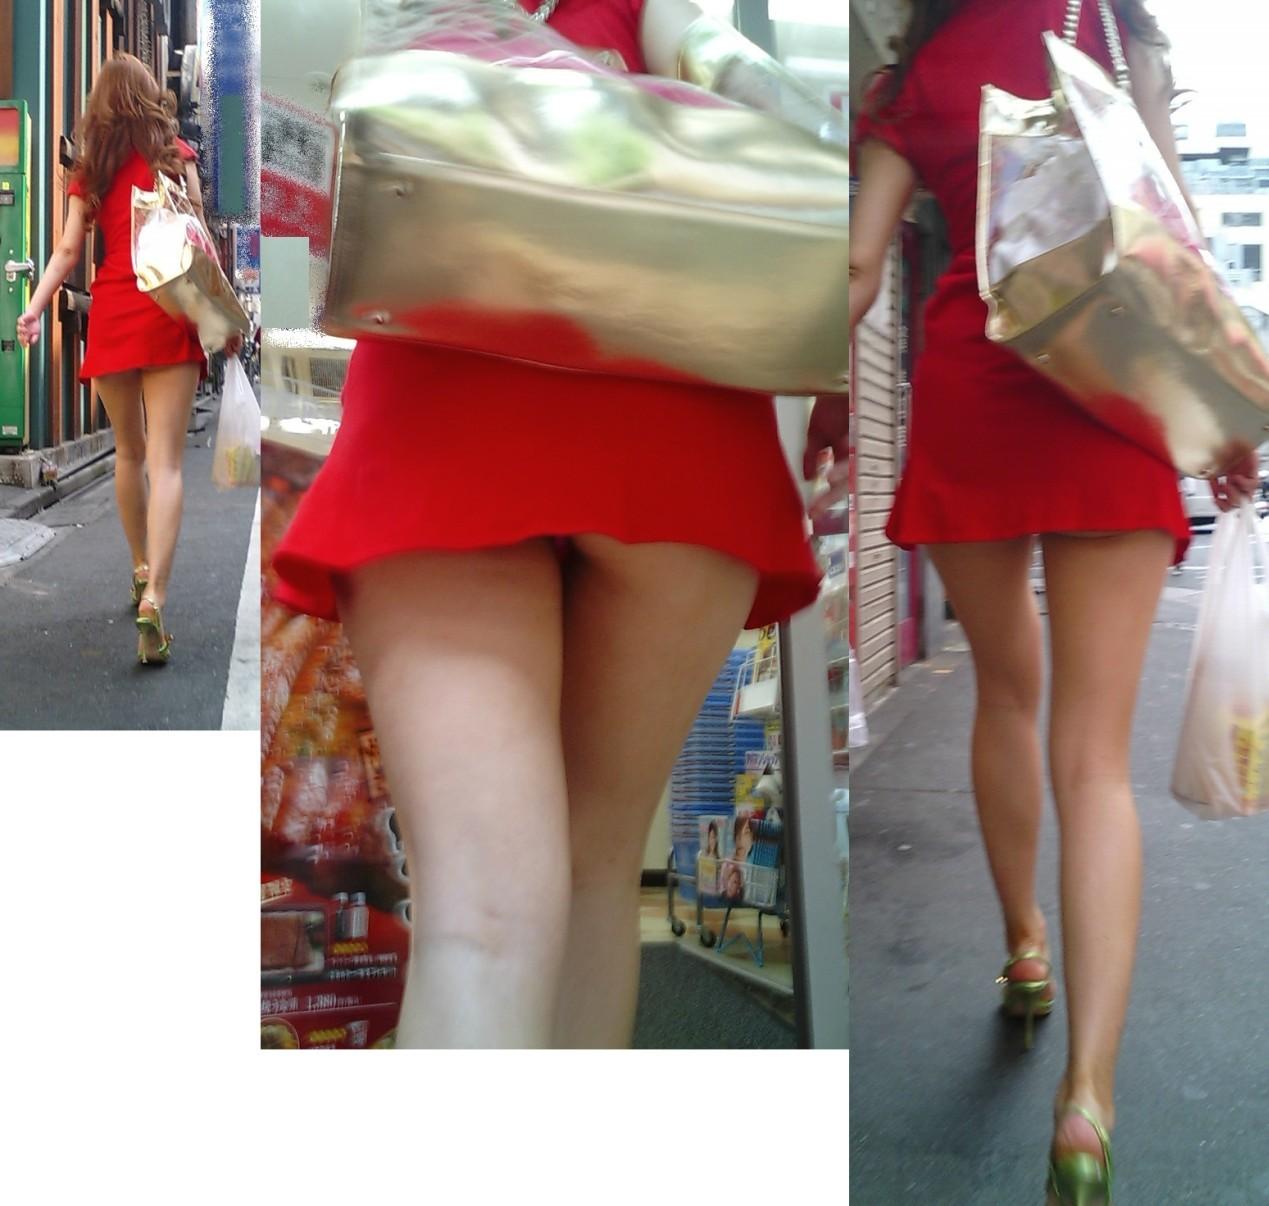 【ミニスカエロ画像】放っておいても尻チラにパンチラ!注目必至な超ミニ履いた下半身www 08